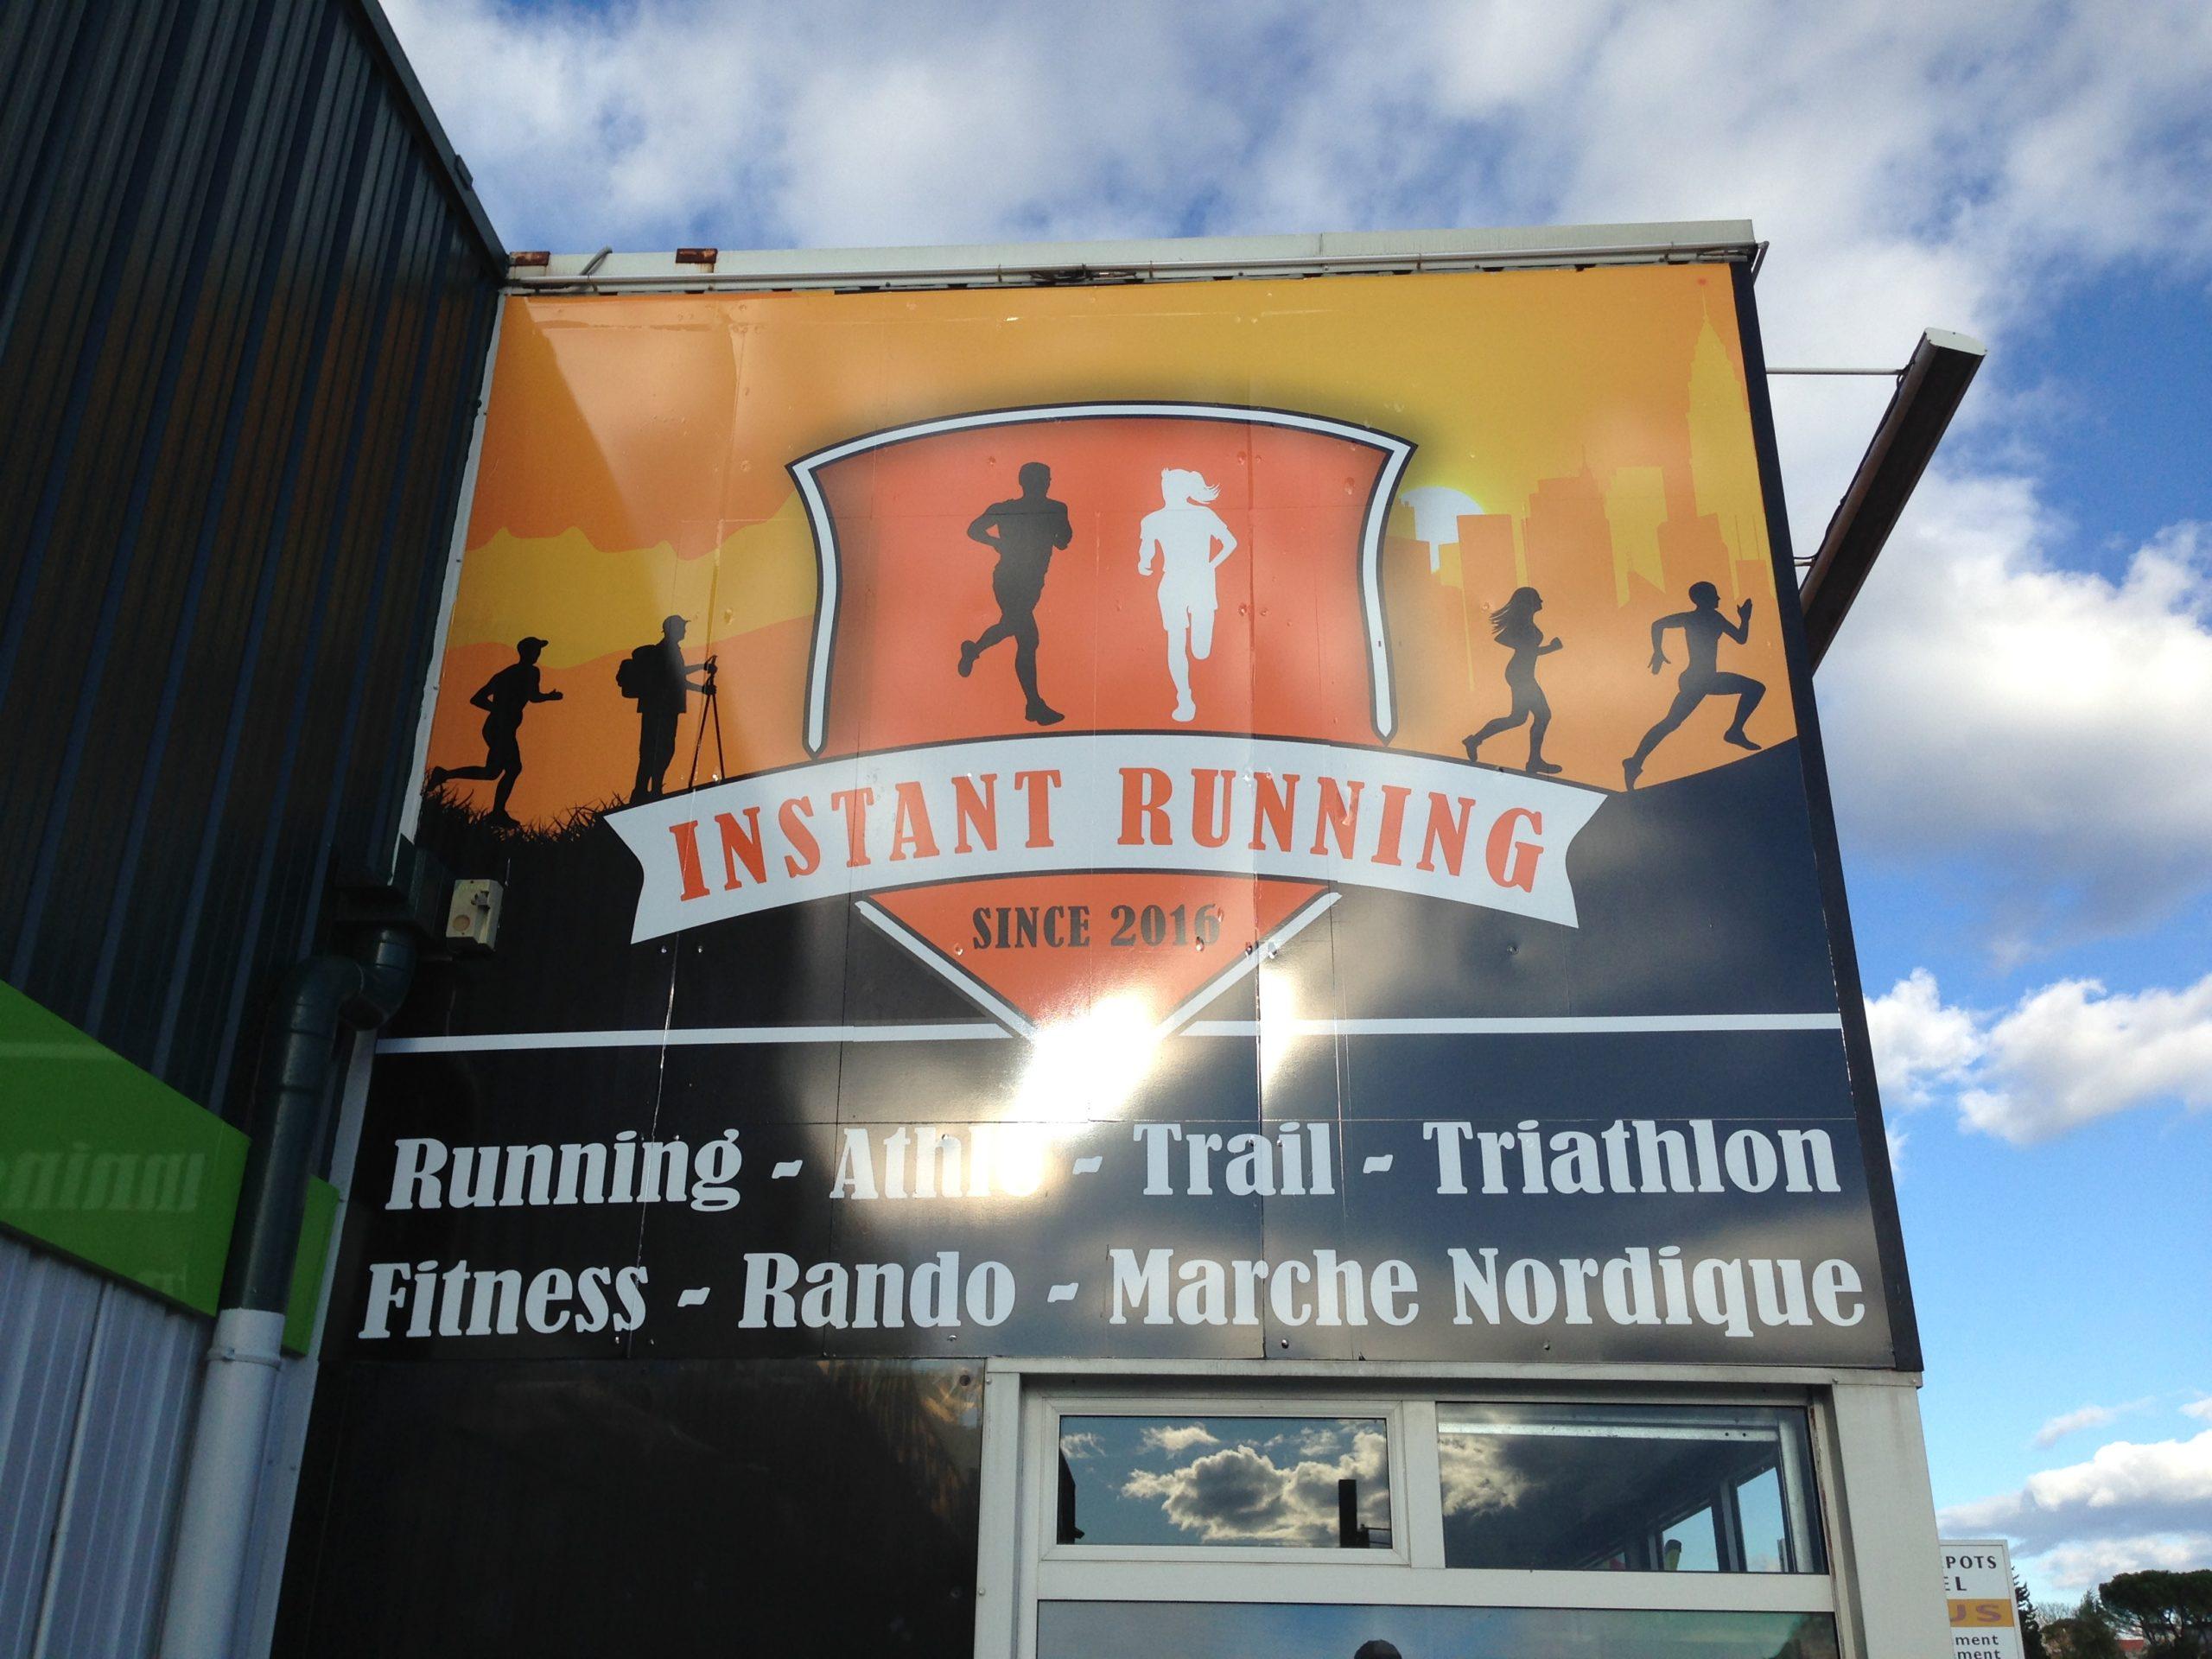 Enseigne d'Instant Running Alès, magasin spécialisé dans la vente d'articles de running